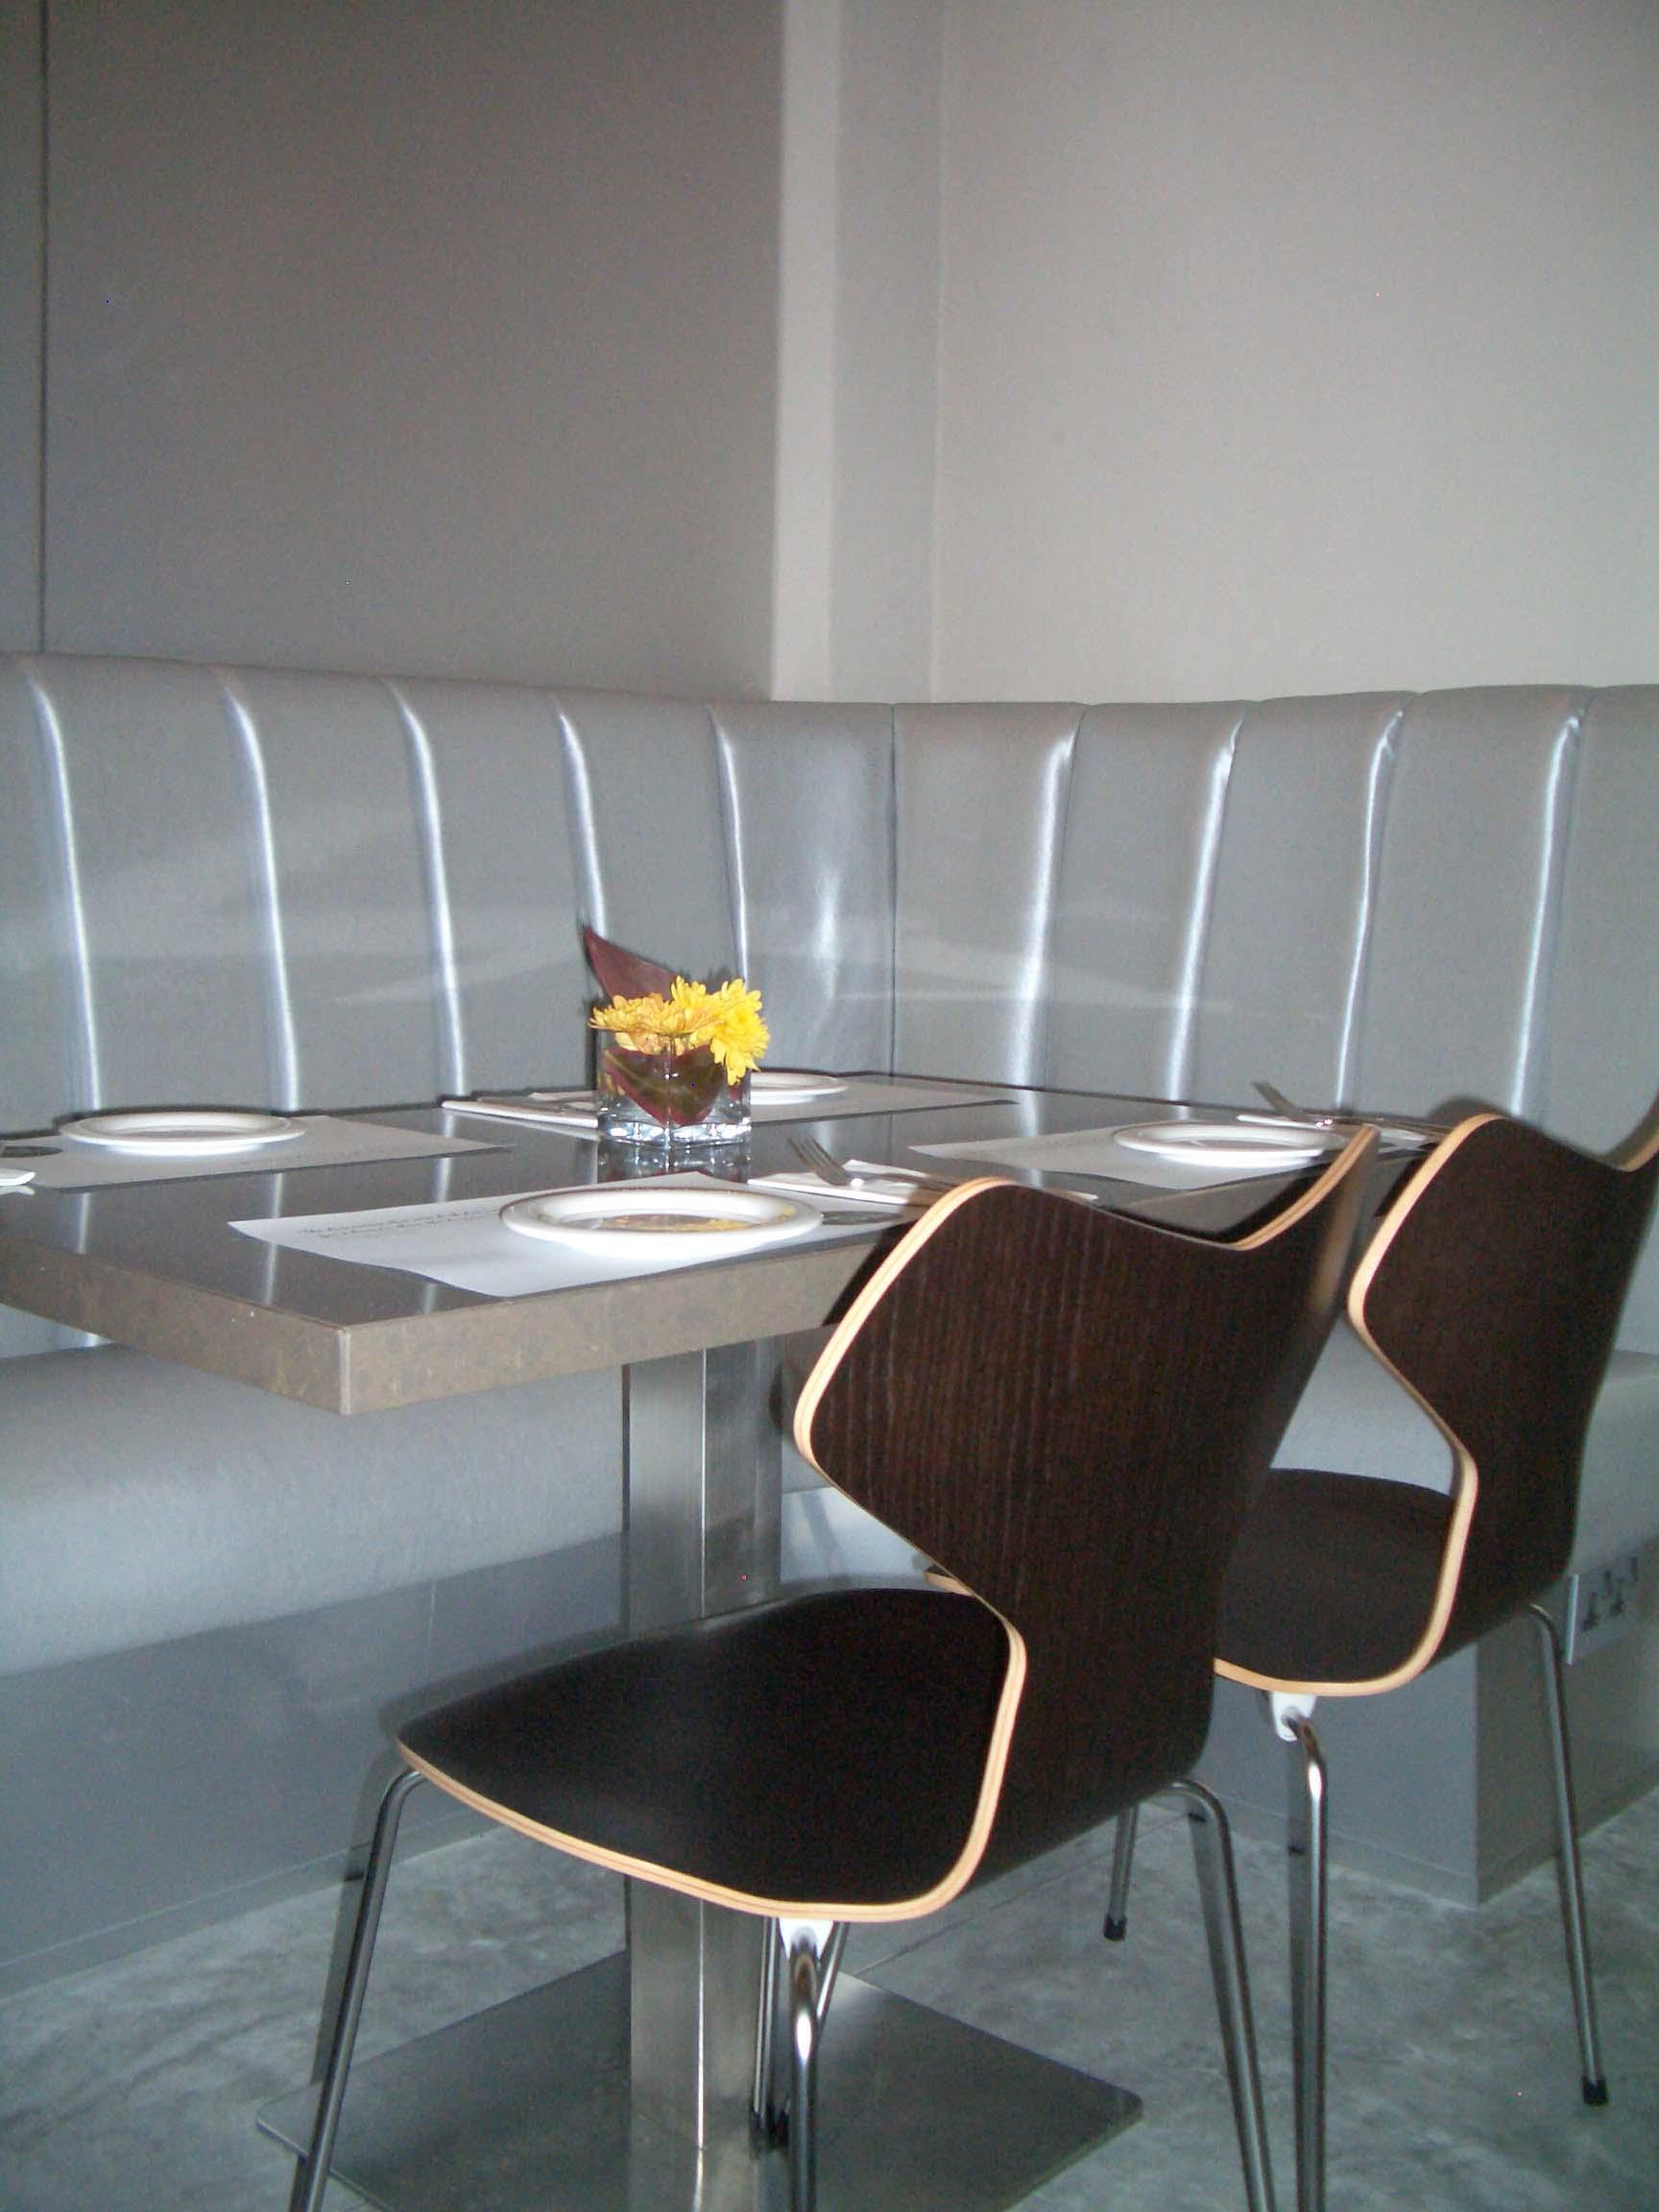 FP pic nw chairs da.jpg